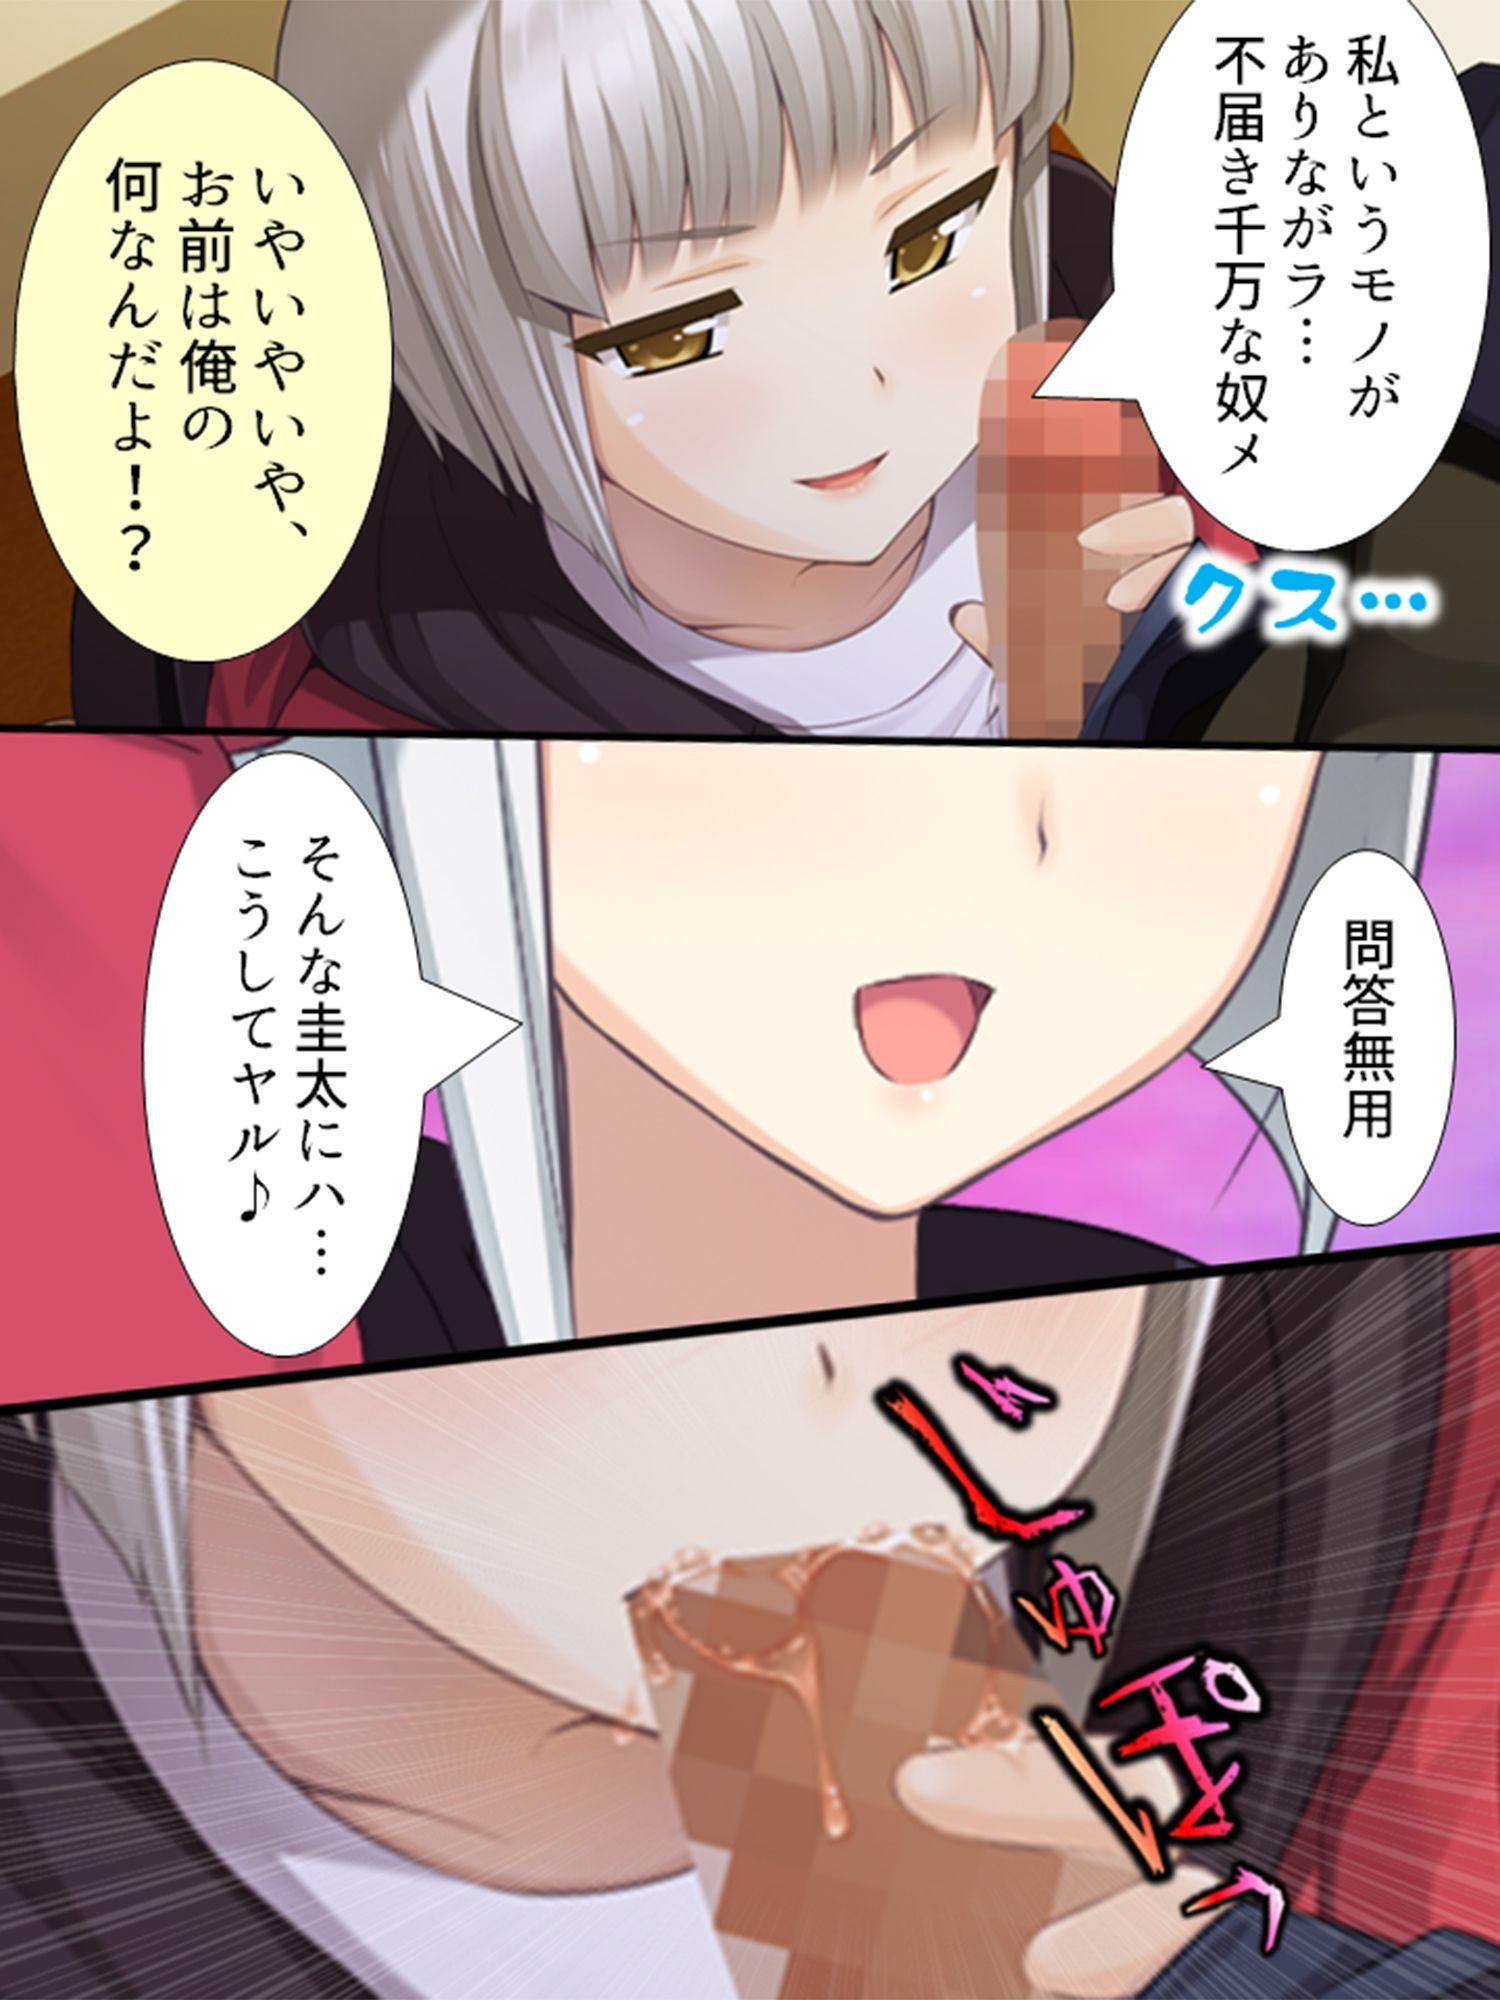 【女の子 オナニー】女の子少女のオナニー露出中出しフェラハーレムの同人エロ漫画!